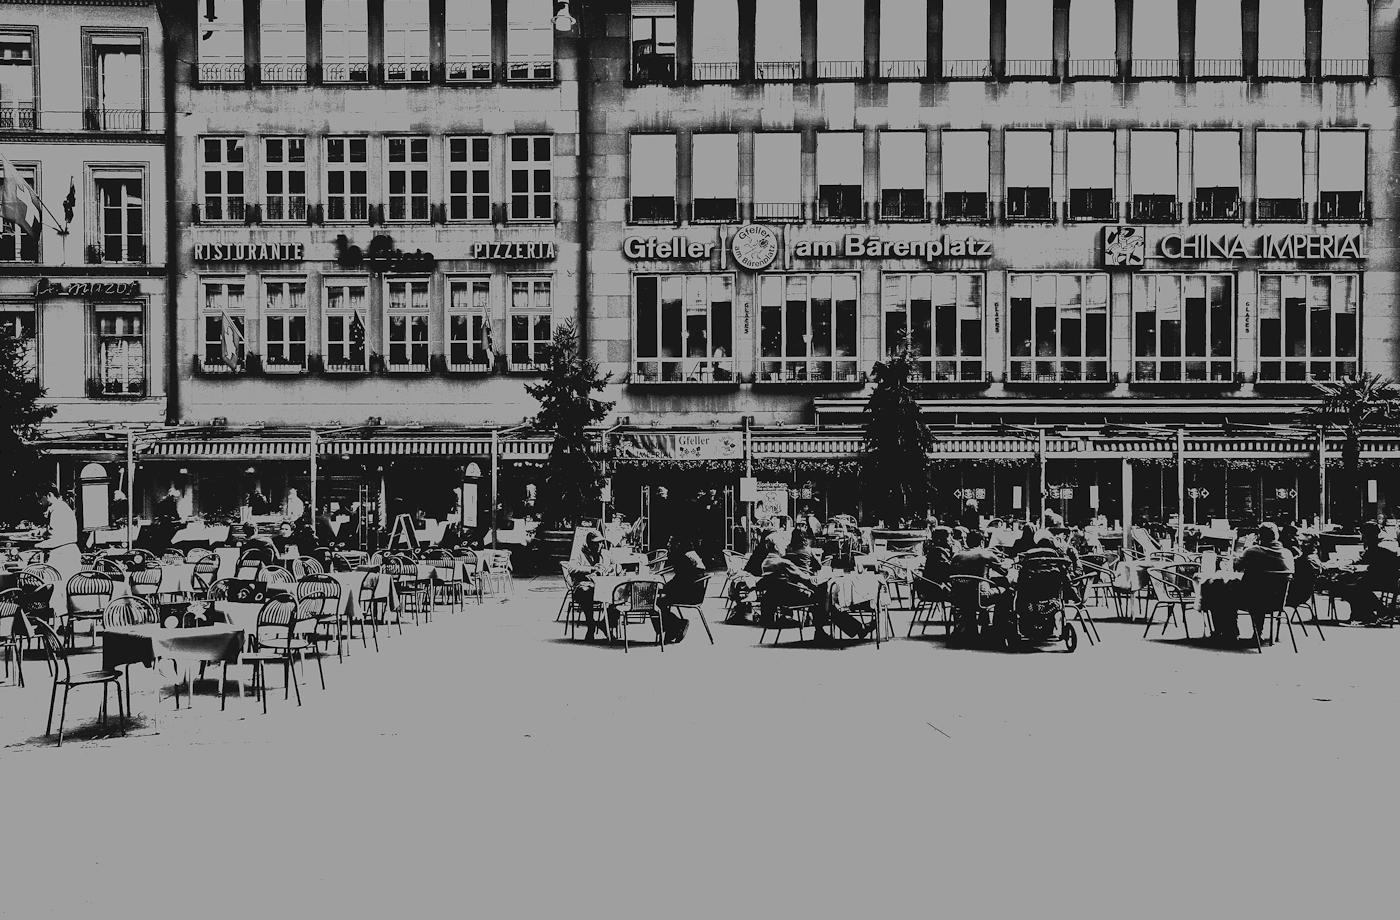 Bärenplatz Luzern